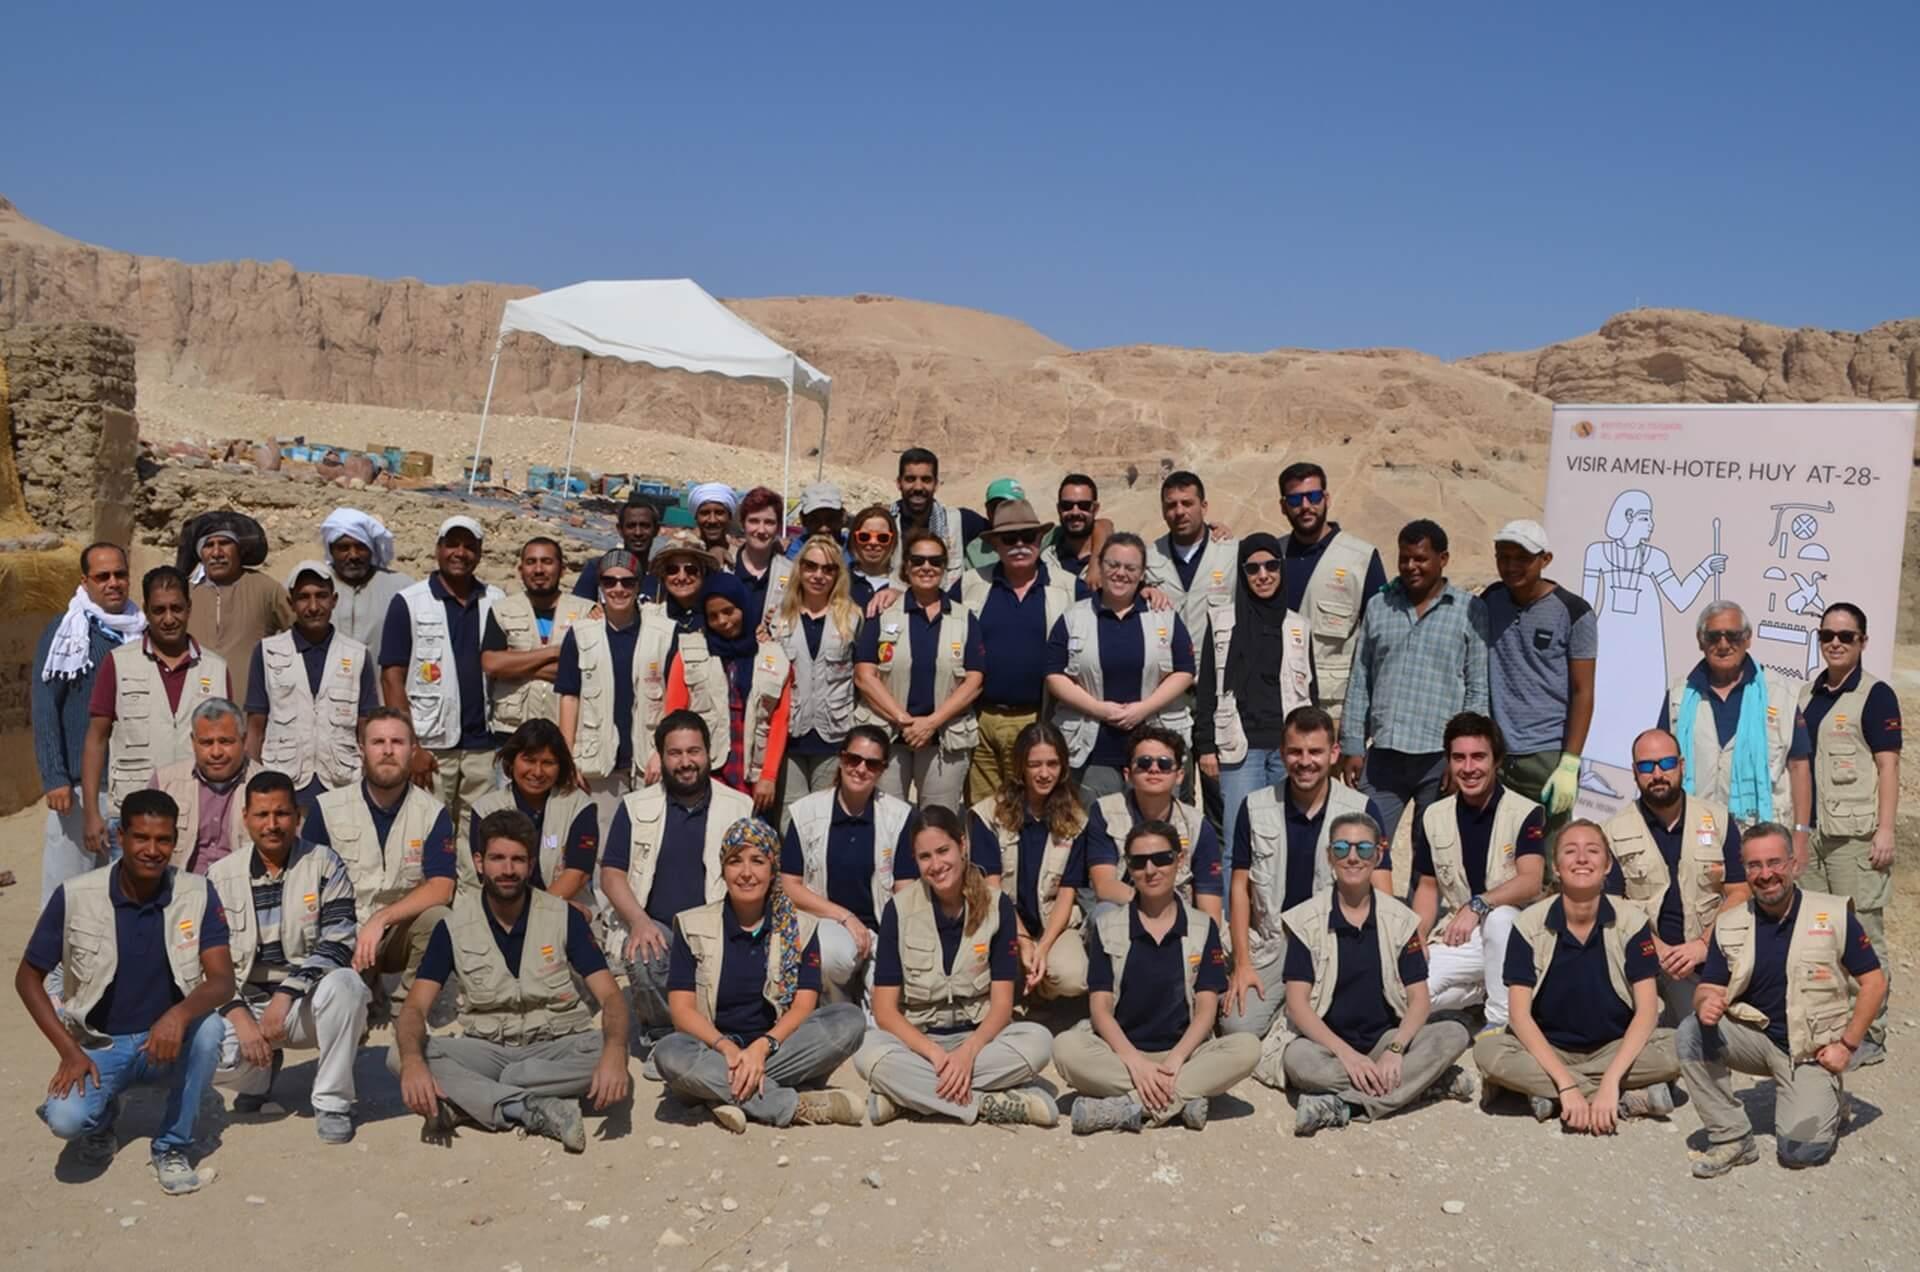 Teresa Bedman Francisco J. Martín Valentín Instituto de Estudios del Antiguo Egipto Misión Arqueológica Española Proyecto Visir Amen-Hotep Huy